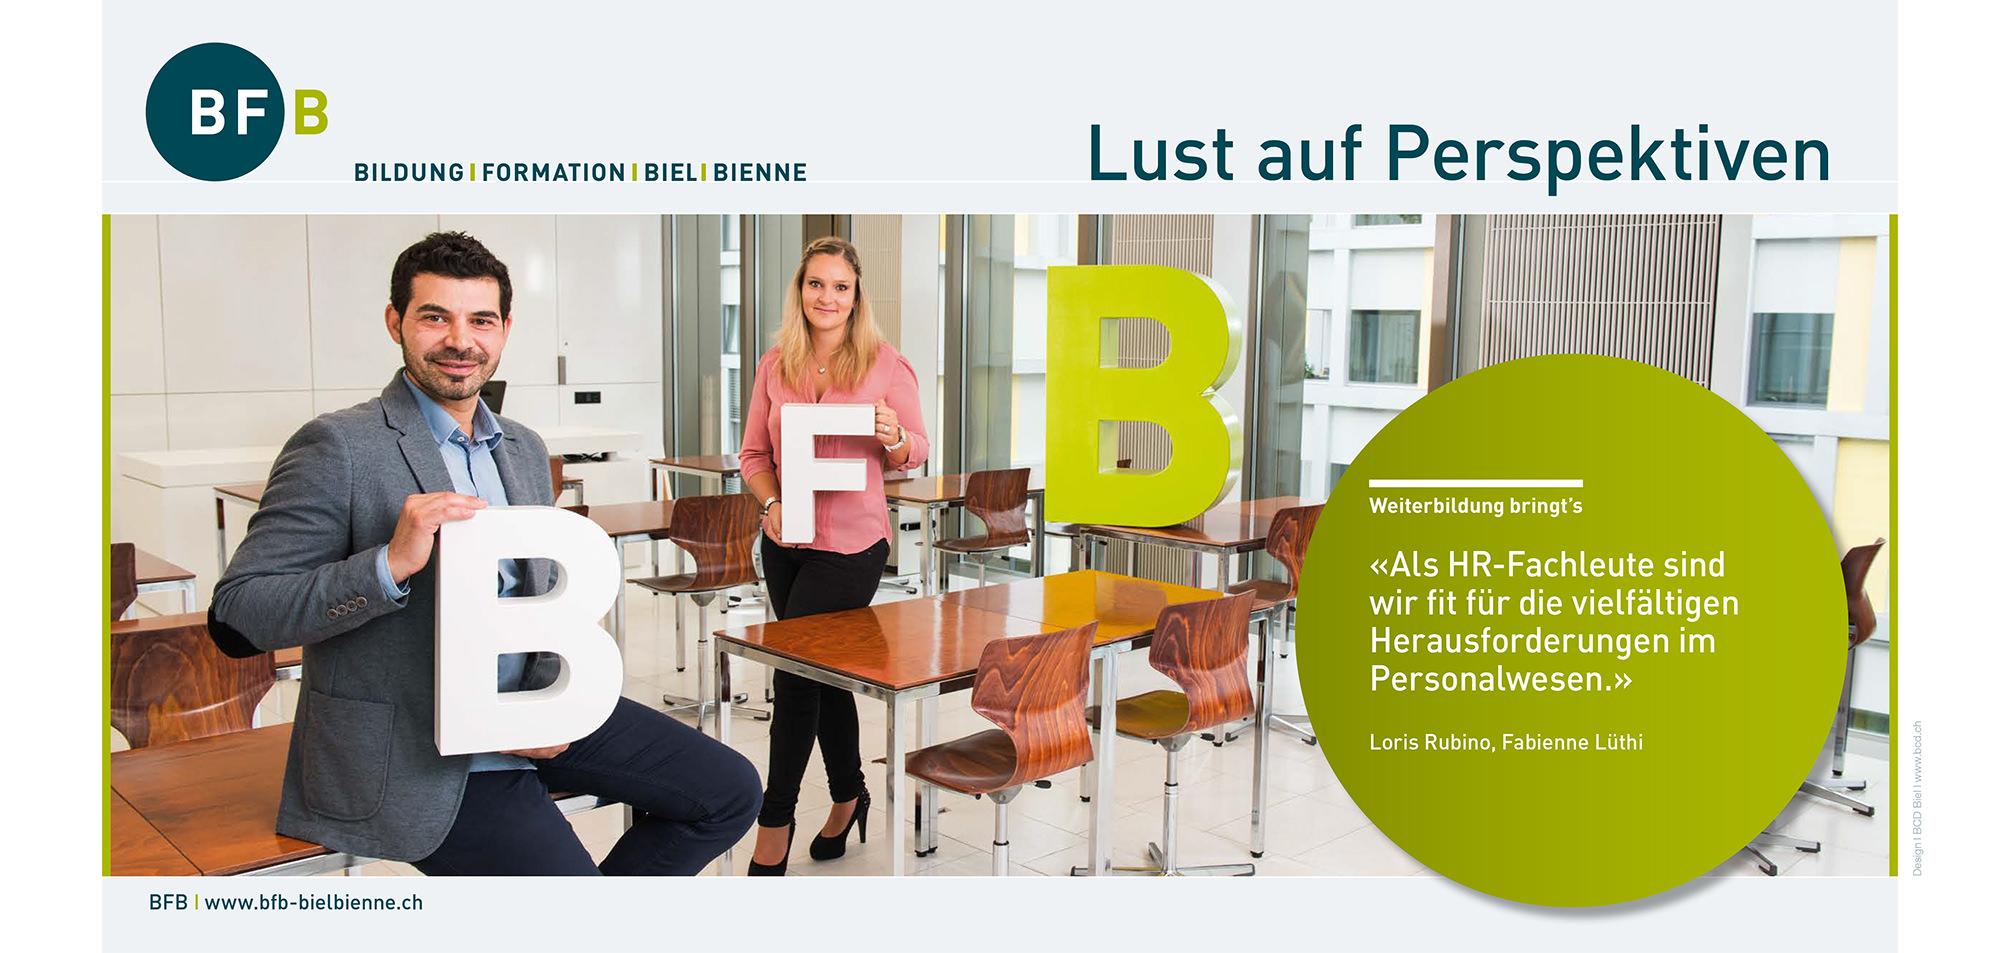 bfb_kampagne145.jpg